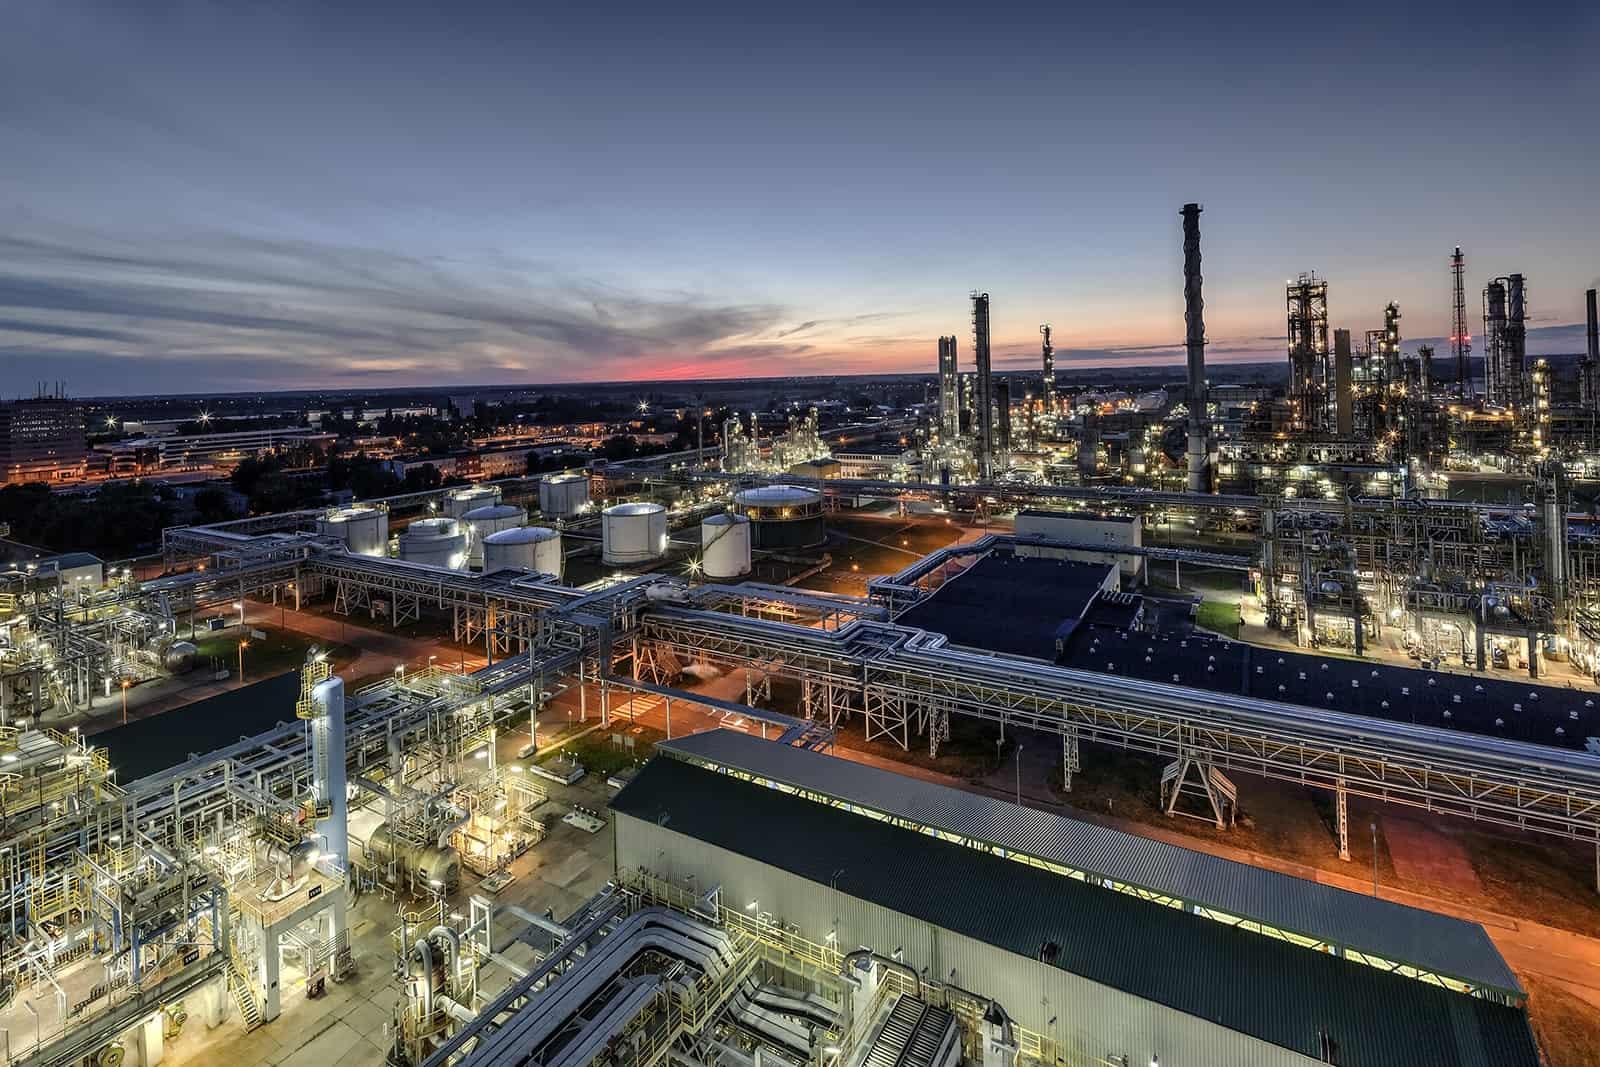 Orlen dywersyfikuje dostawy ropy. Coraz mniej surowca kupuje od Rosnieftu